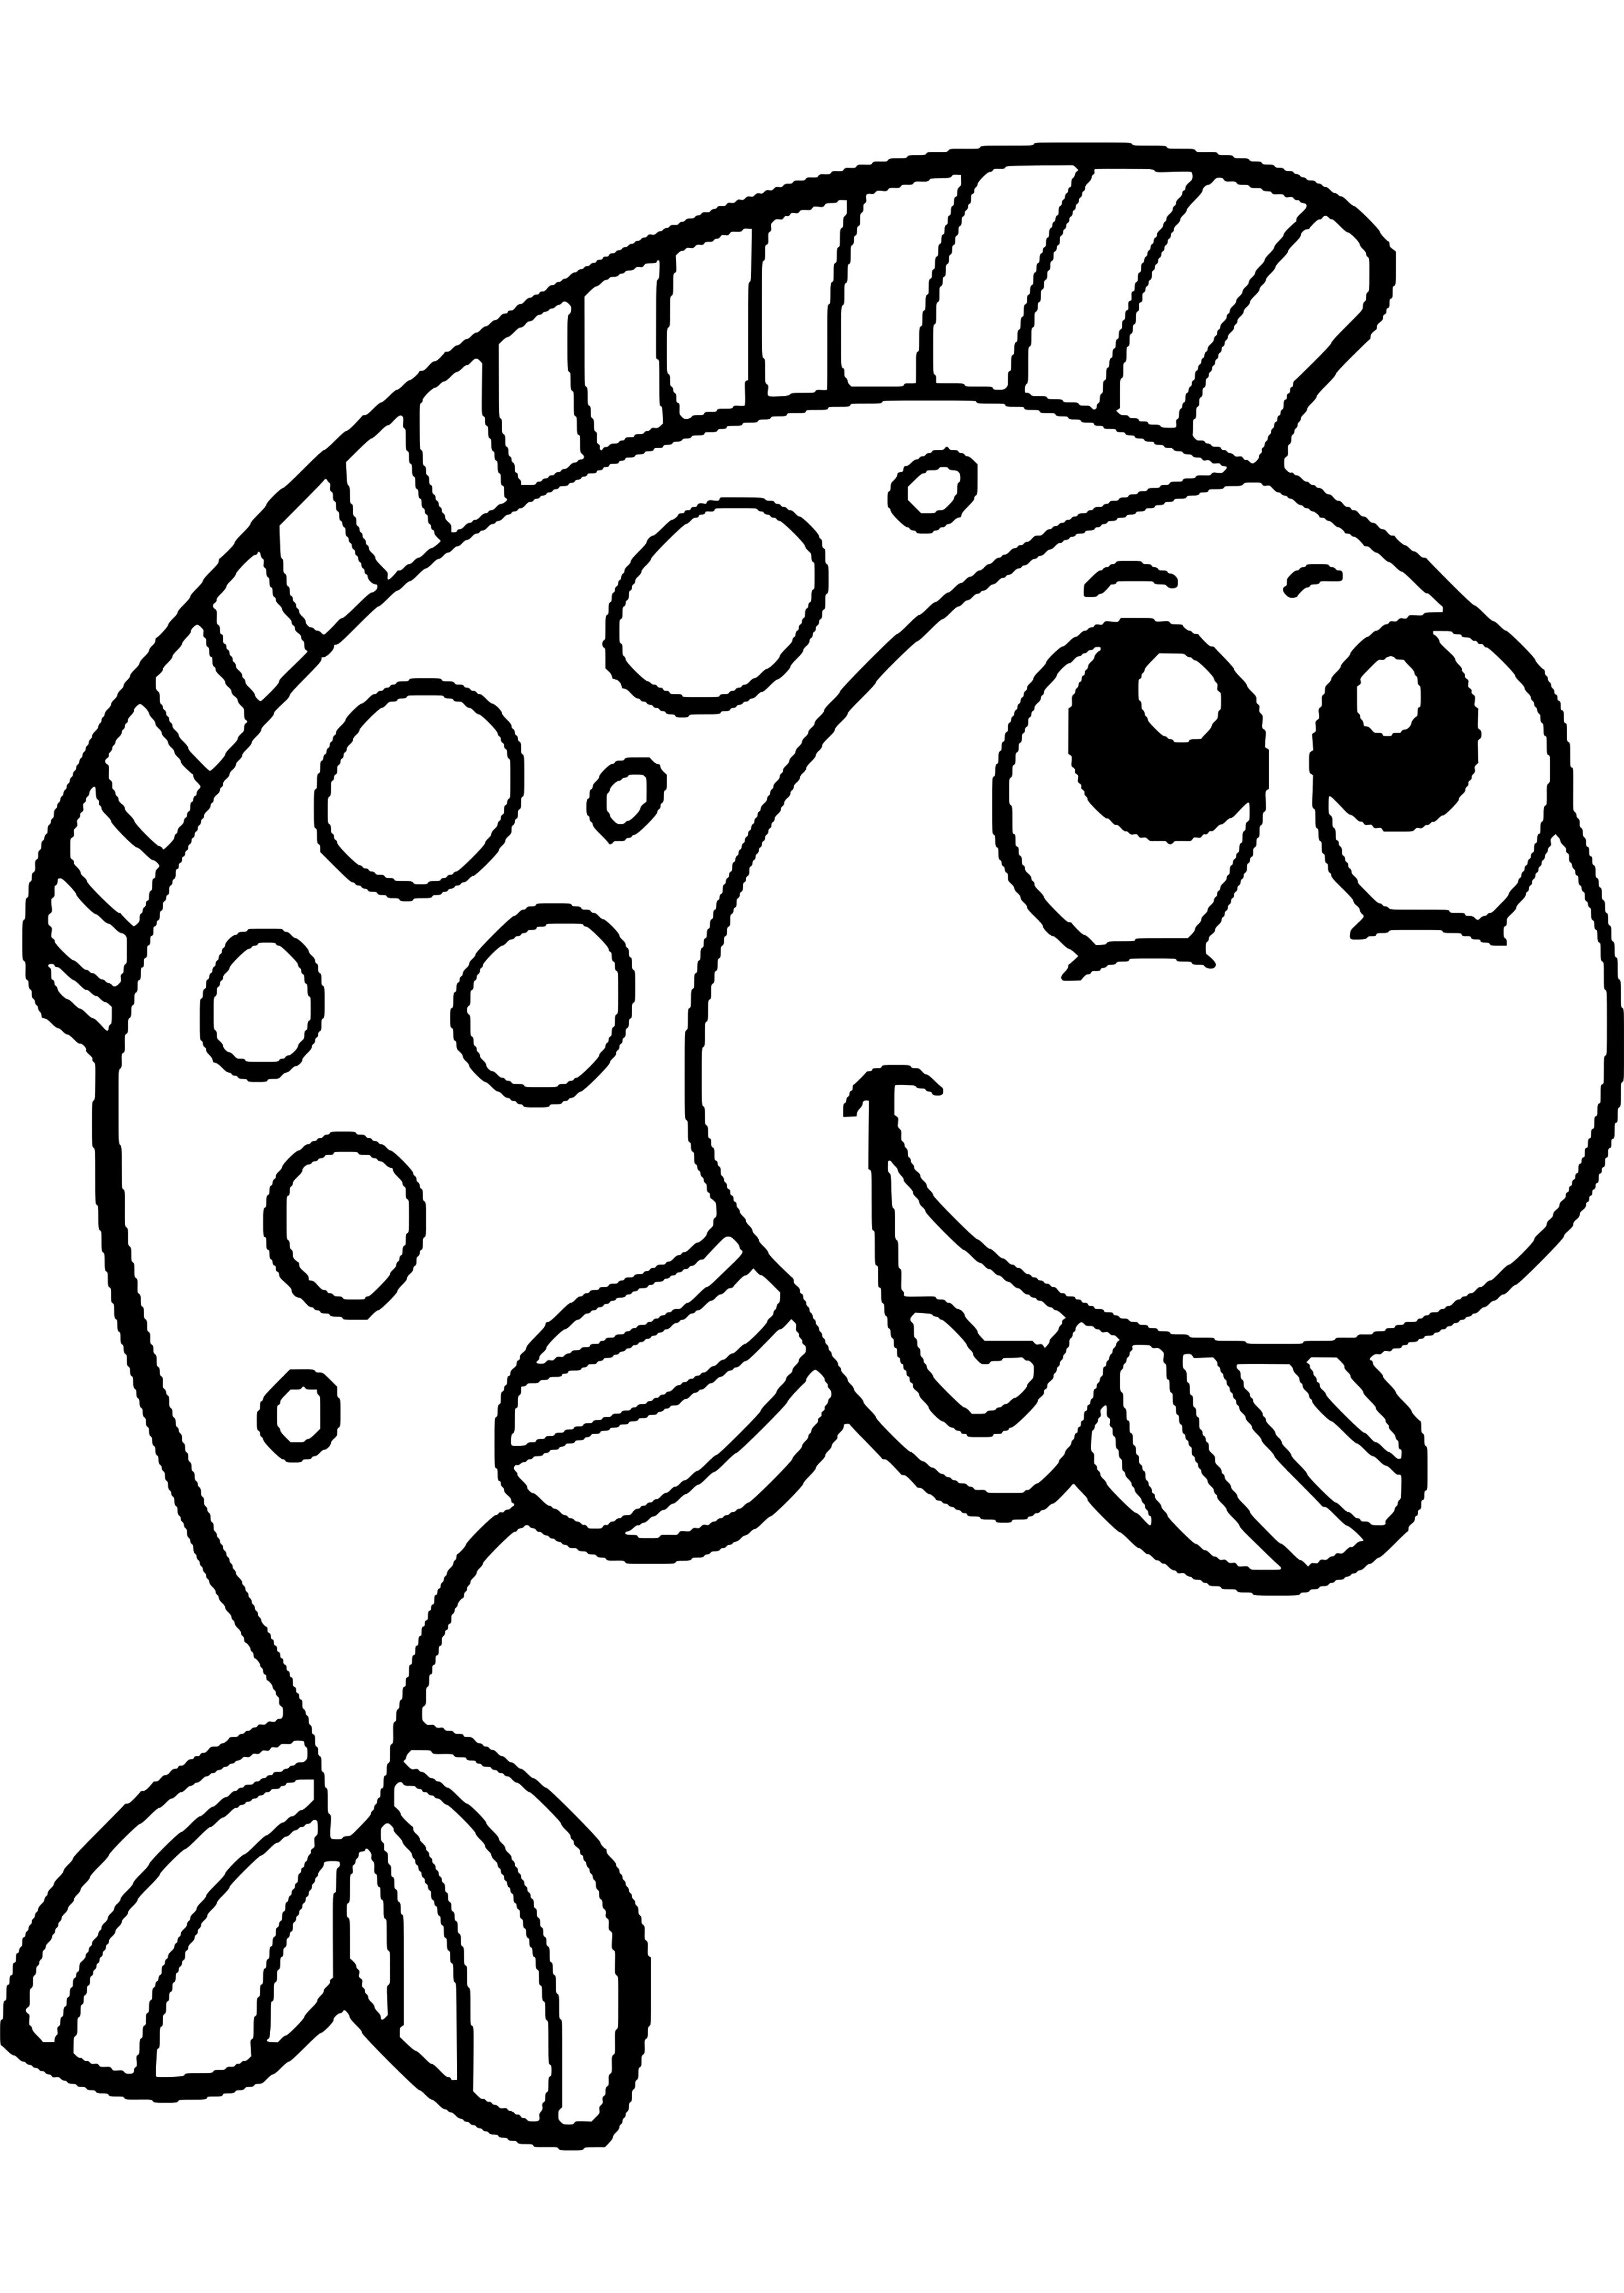 Malvorlagen Fische Gratis Zum Drucken Ausmalbild Fische Malvorlage